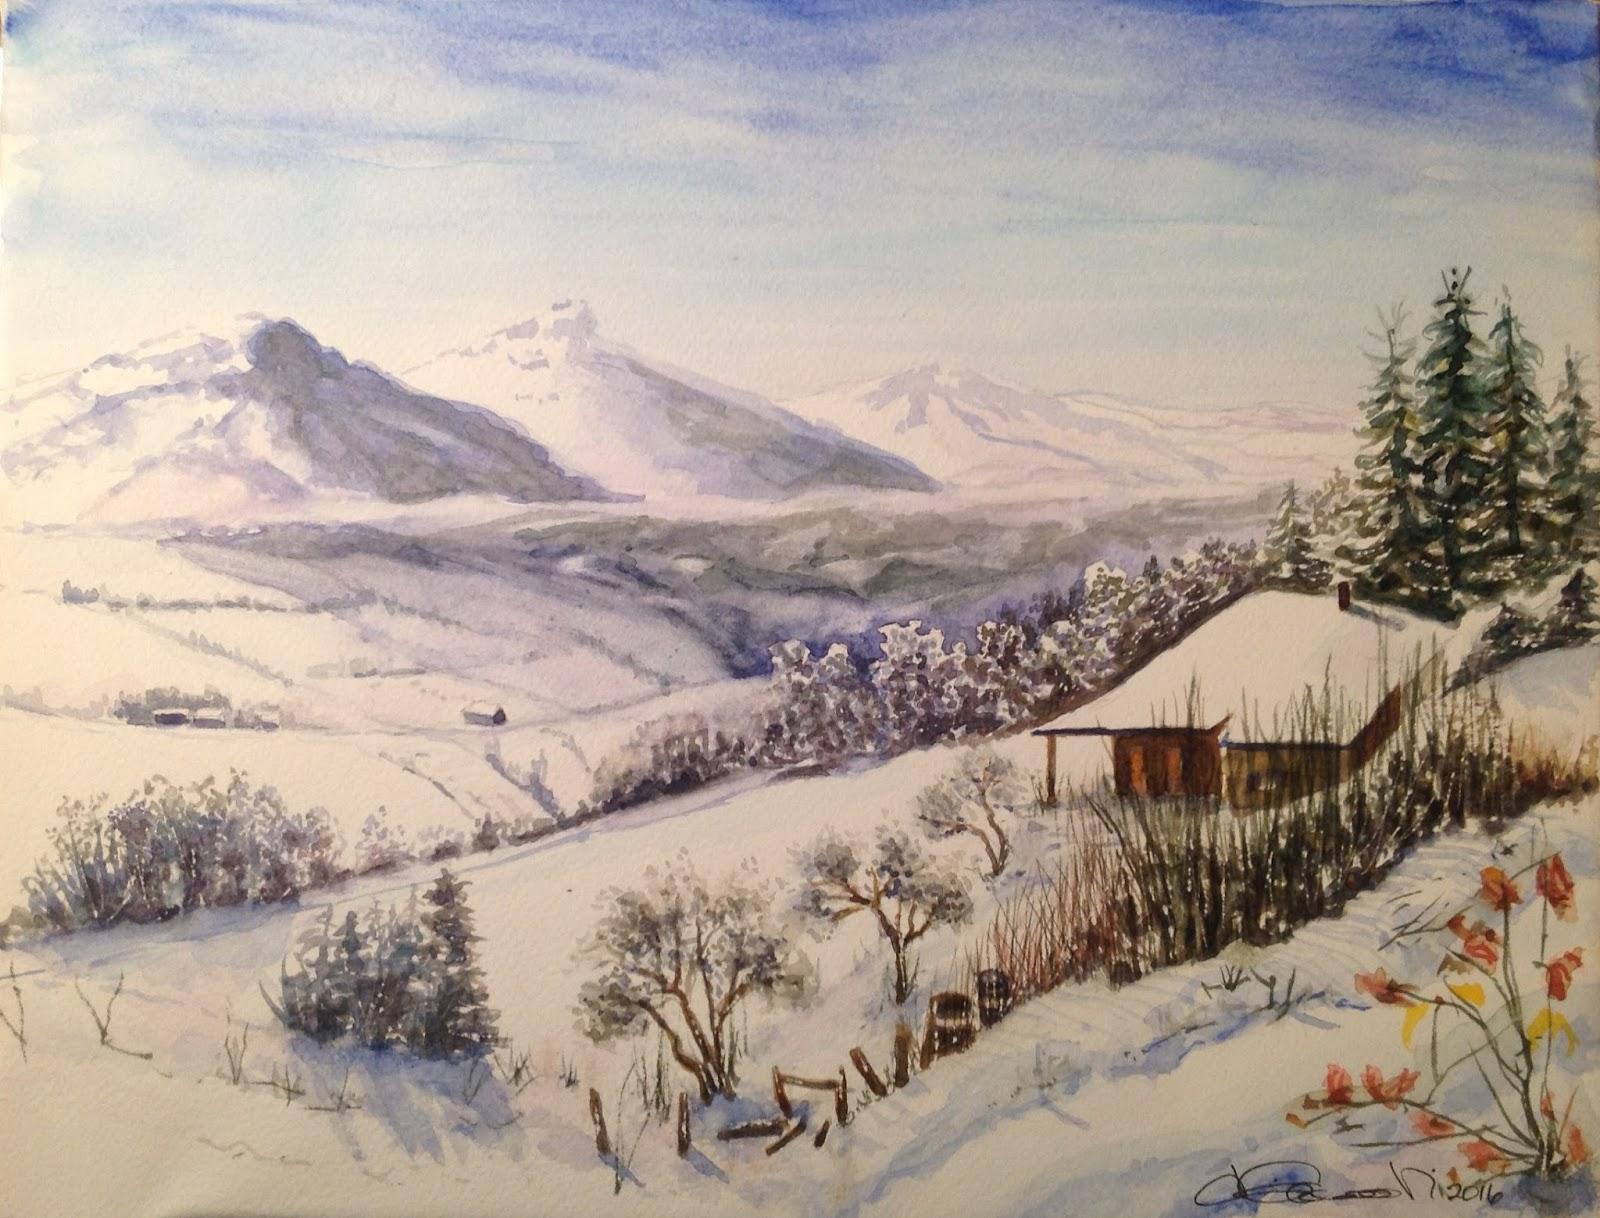 Lezione paesaggio invernale la maiella ciam for Disegni paesaggio invernale